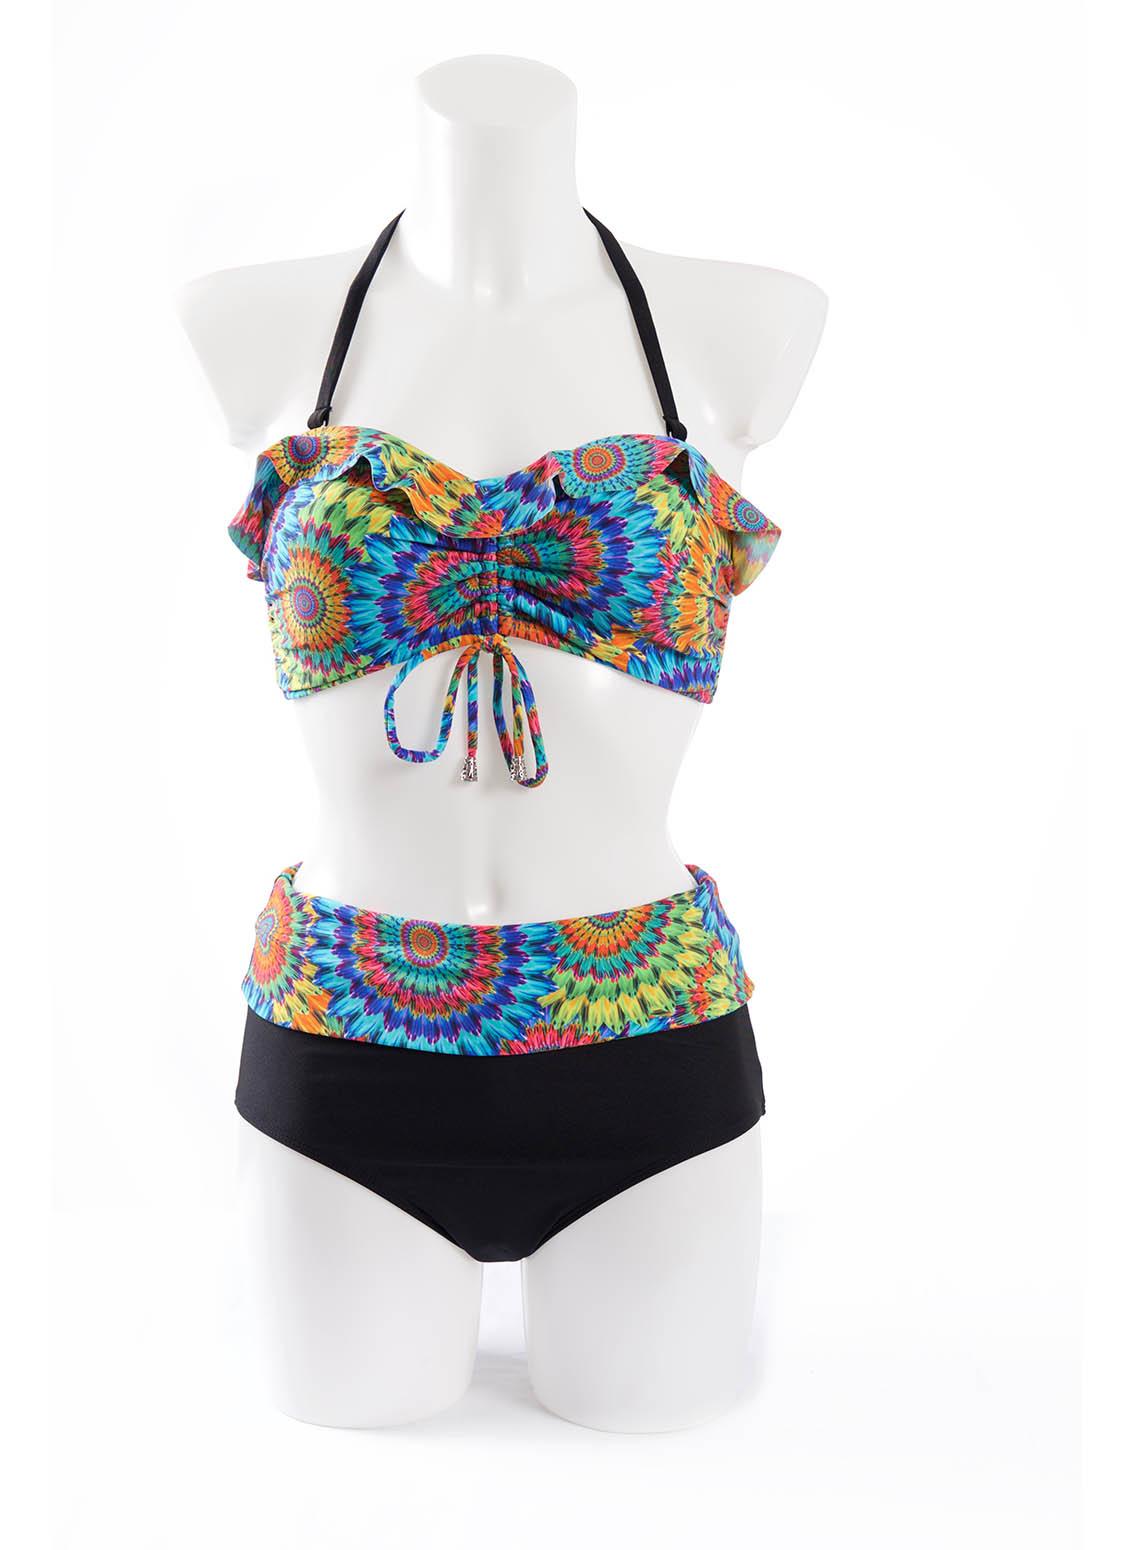 Wonderland bikini